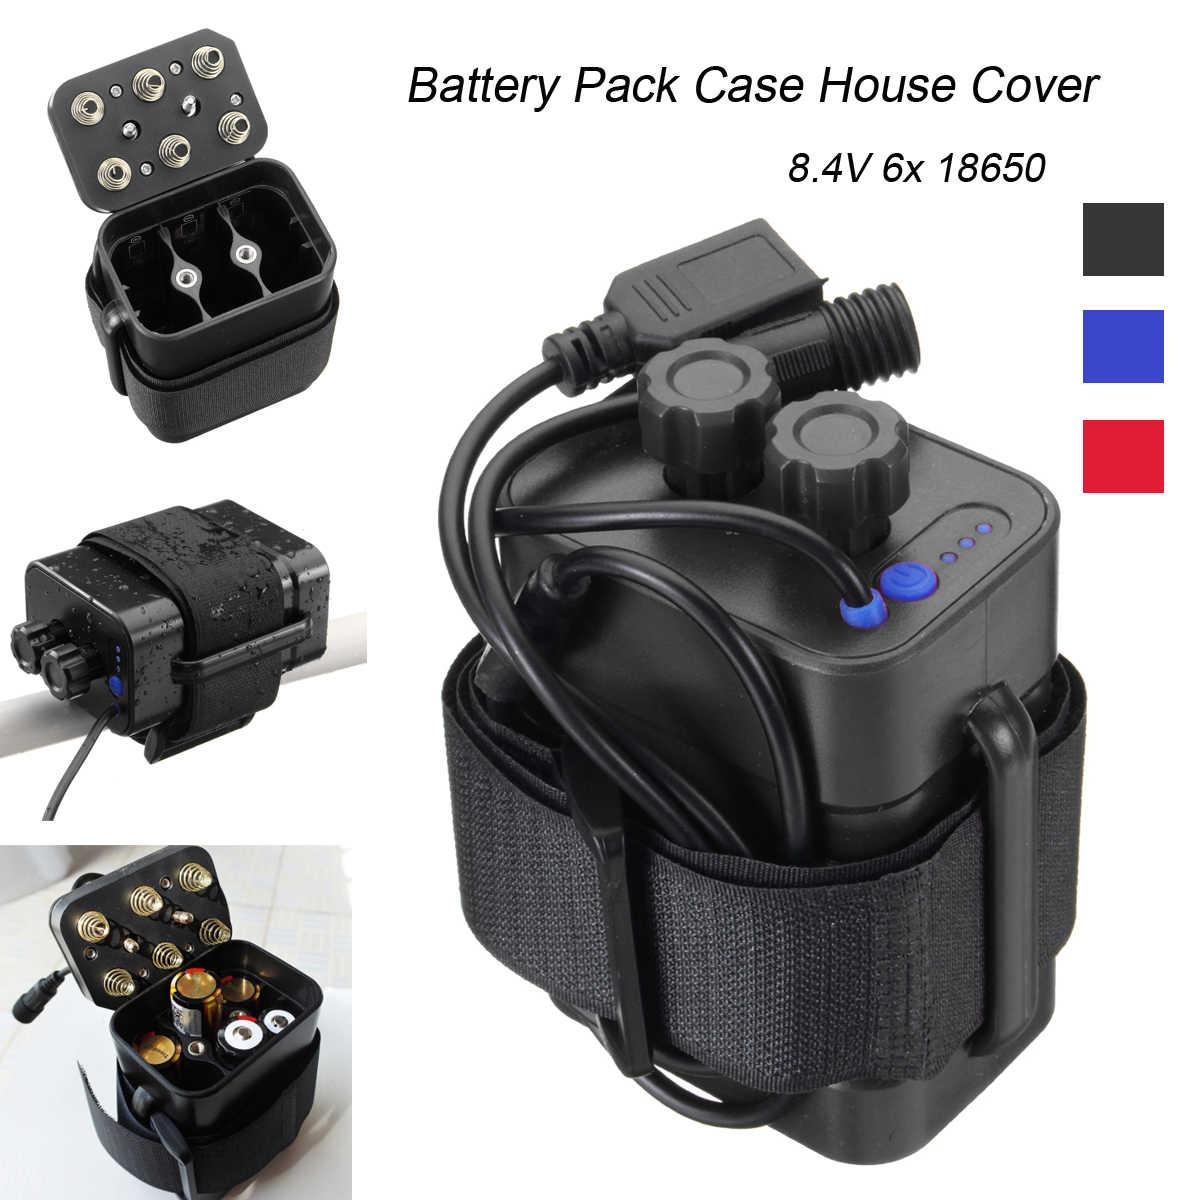 Waterproof 5V 8.4V 6x 18650 Battery Pack Box Case Cover For Bike Cellphone Lamp